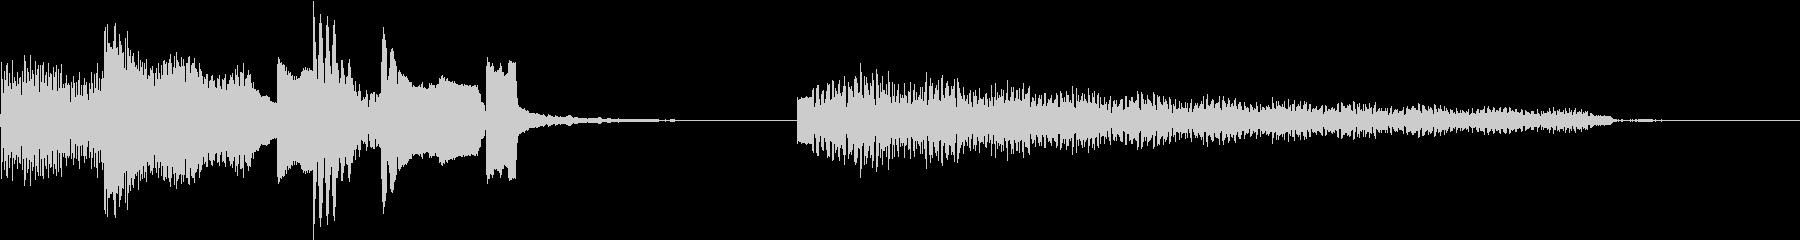 ローズエレピの可愛いジングルの未再生の波形